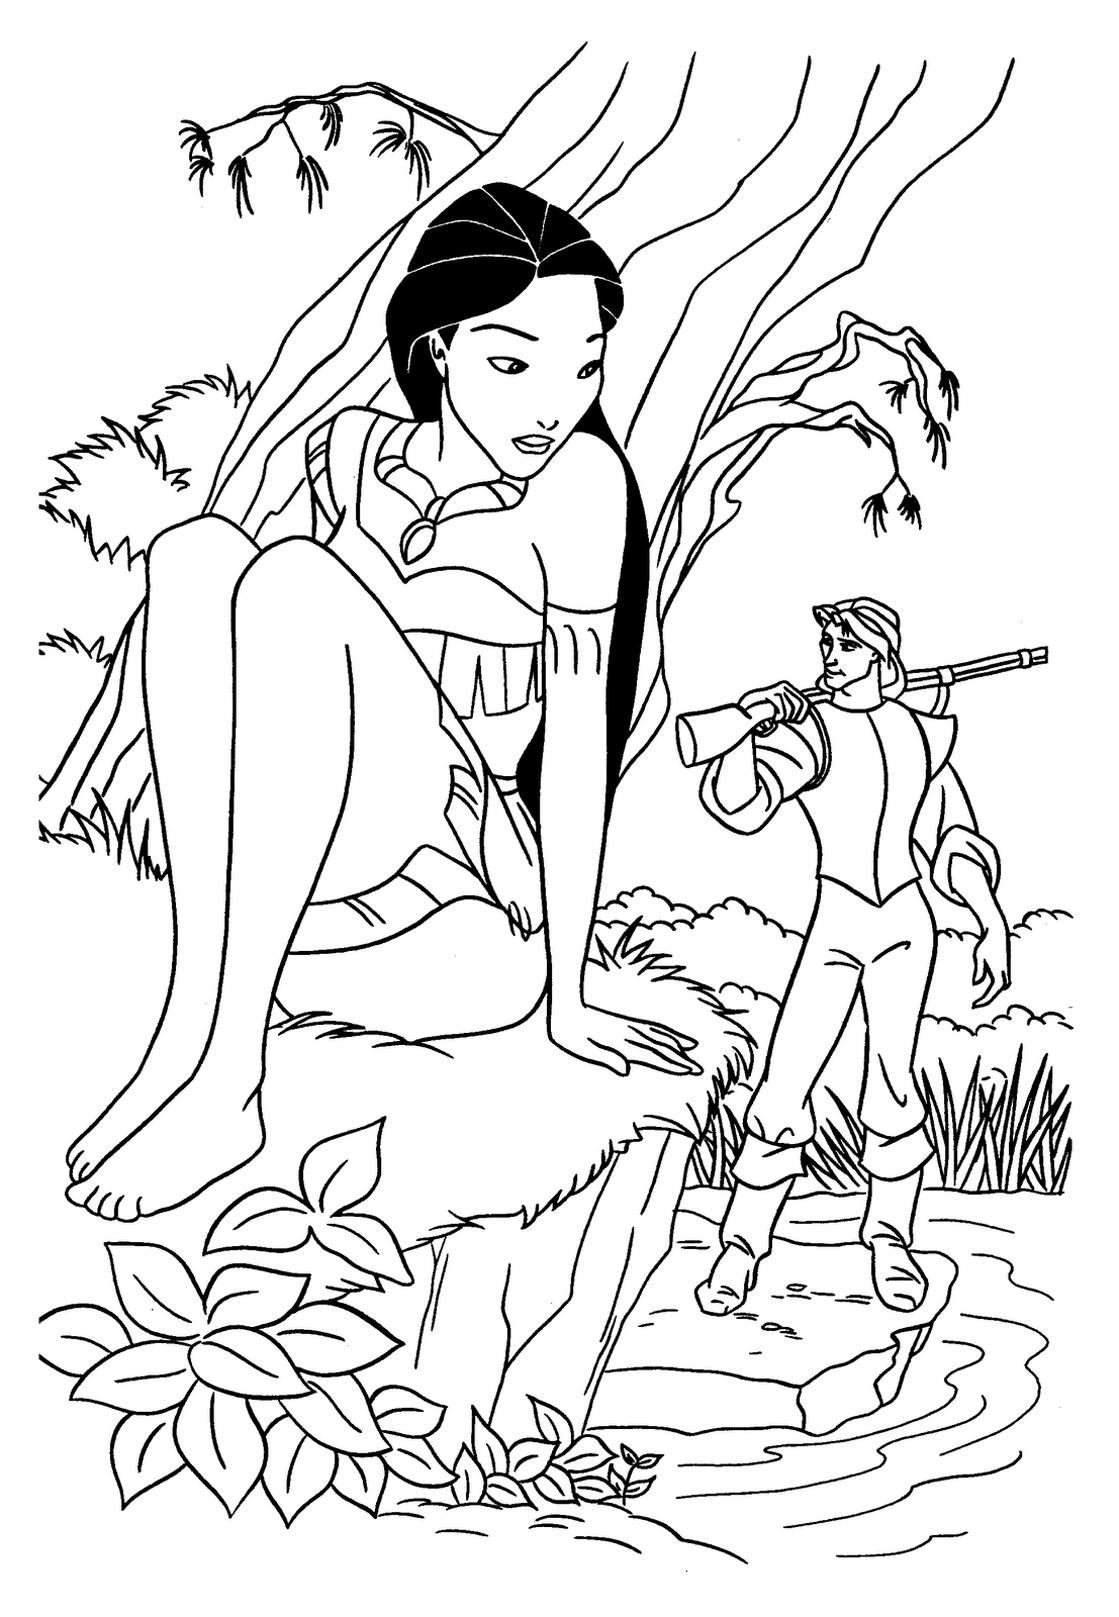 Coloriage Princesse Pocahontas Disney À Imprimer Et Colorier dedans Coloriage Princesse